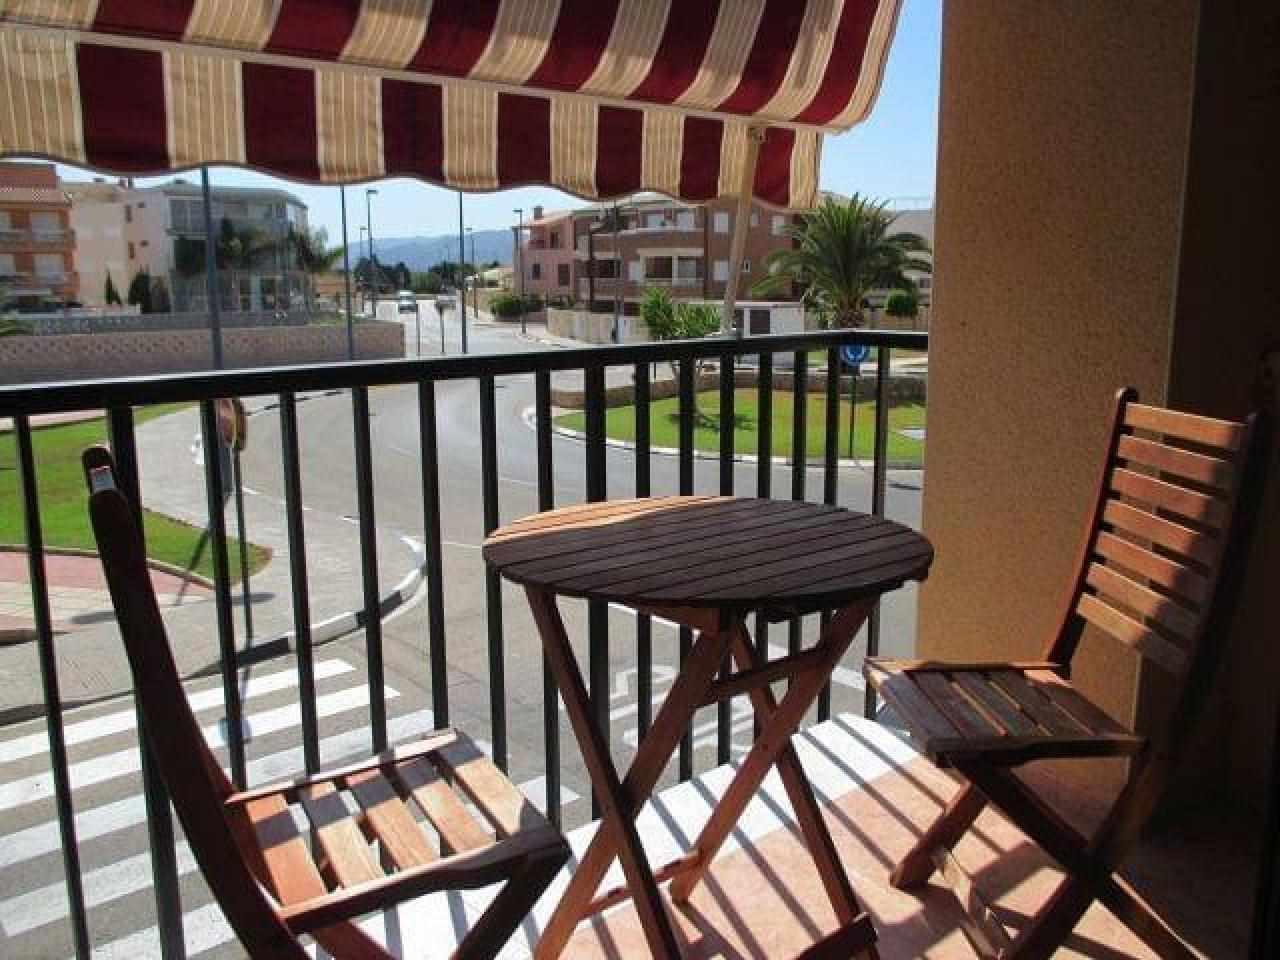 Alquiler vacaciones en Miramar, Valencia